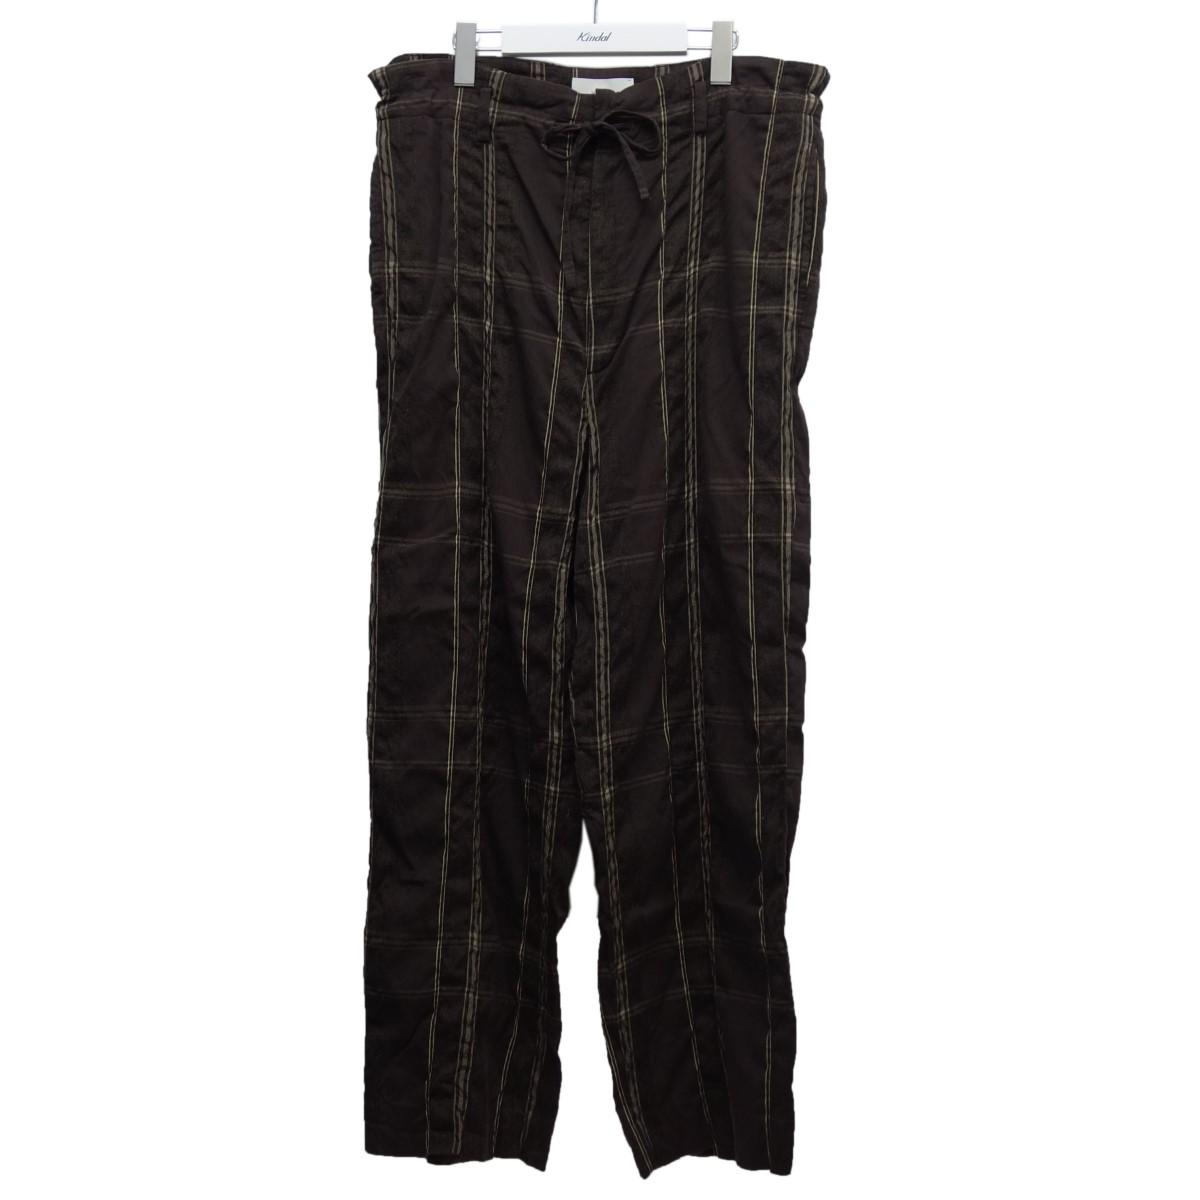 【中古】YOKE 19AW「BIG PLAID WIDE PAJAMA PANTS」チェックイージーパンツ ブラウン サイズ:M 【060720】(ヨーク)